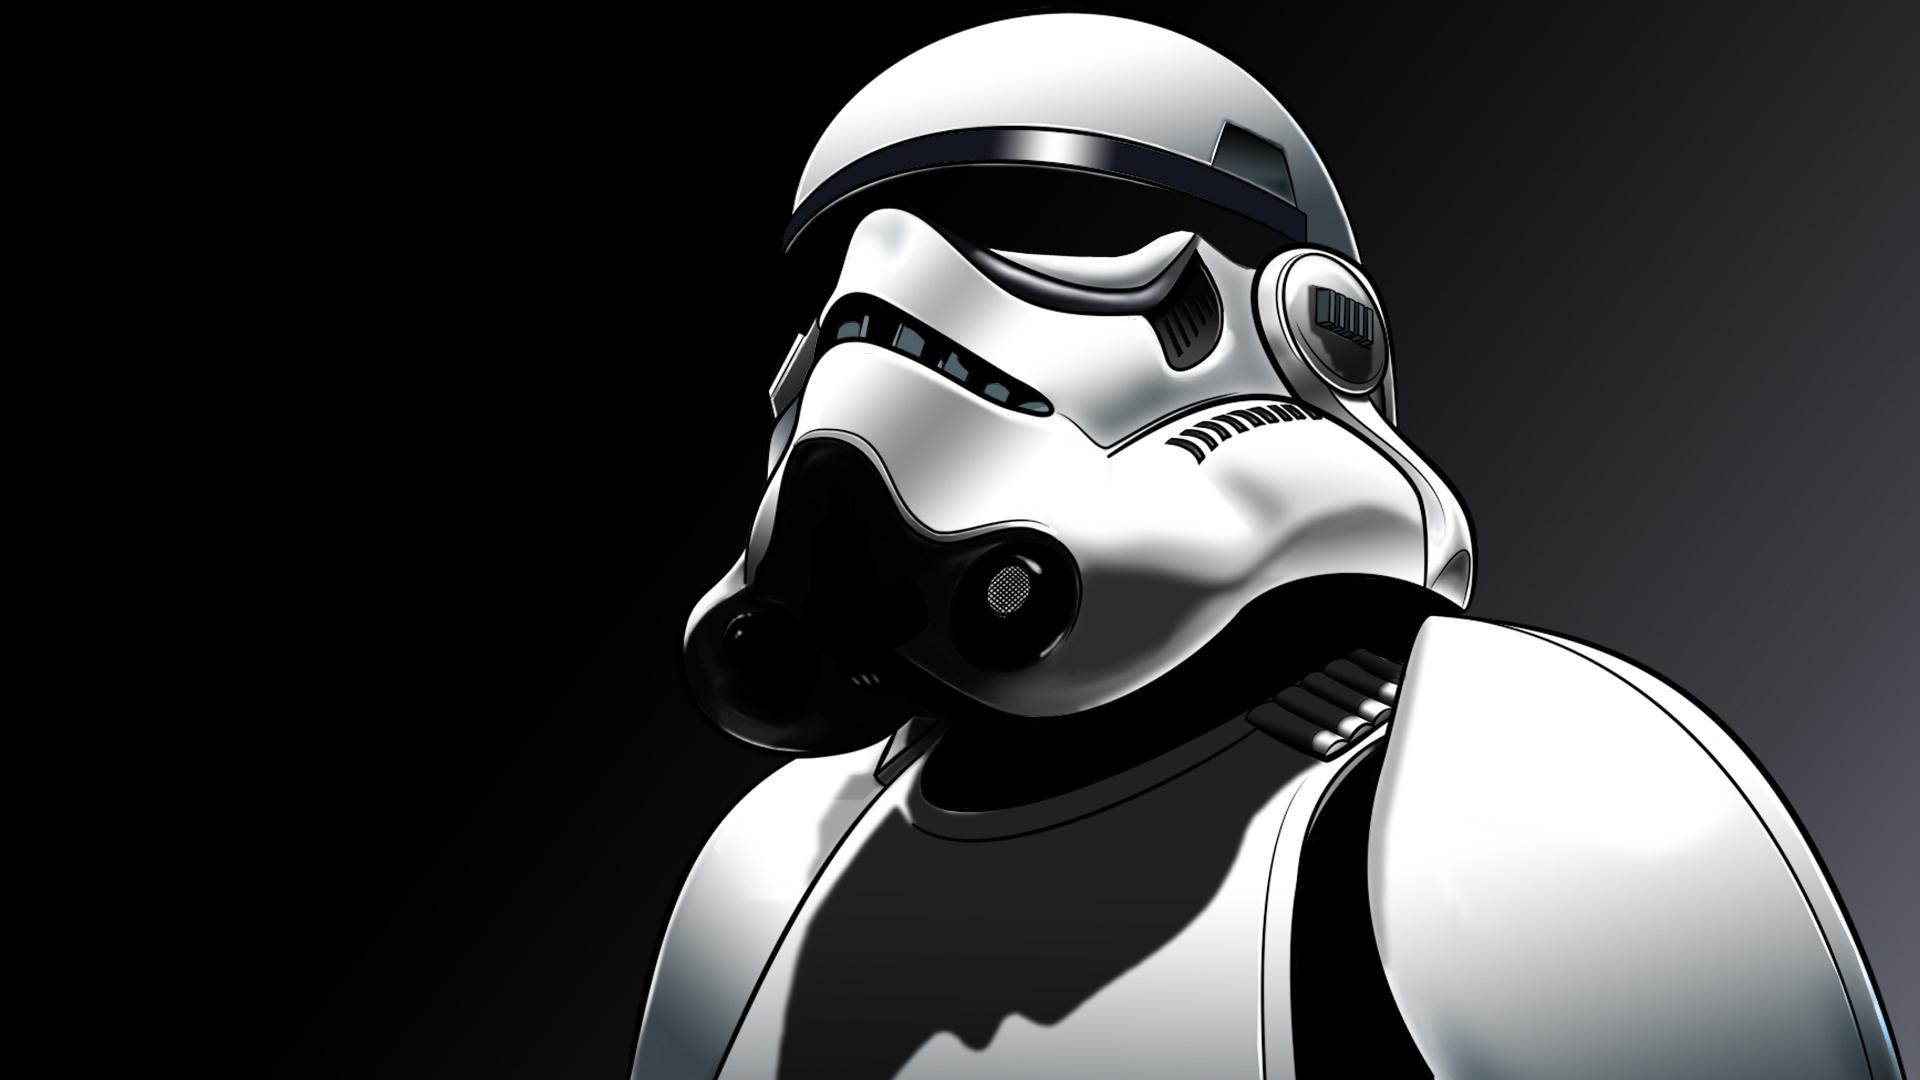 Star wars stormtrooper wallpaper 1920x1080 125864 - Stormtrooper suit wallpaper ...